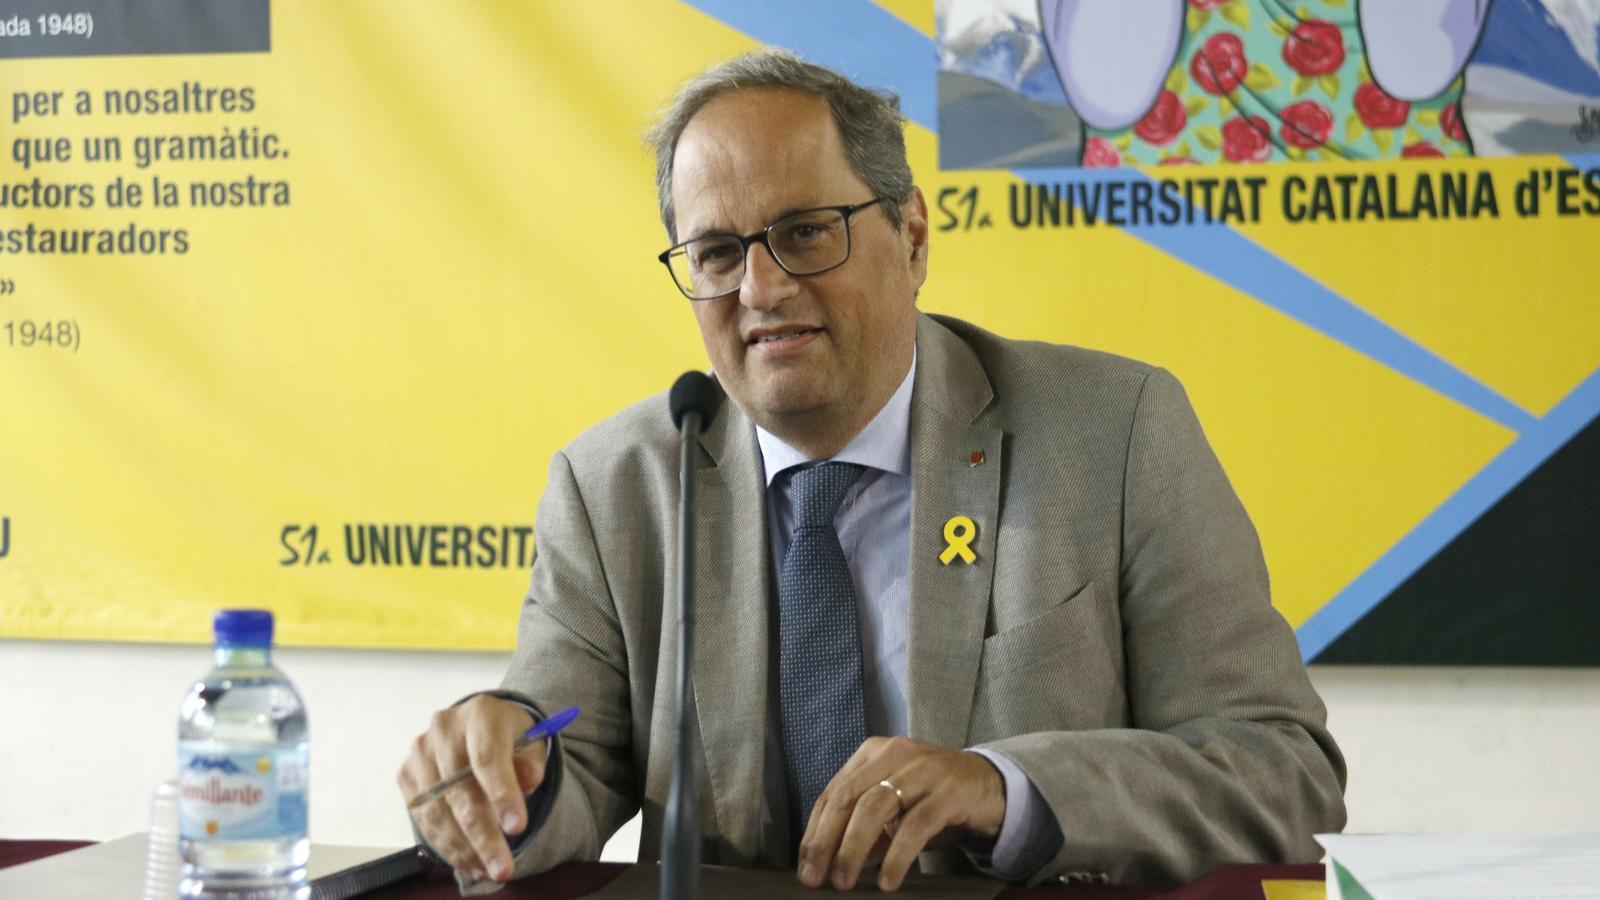 El president de la Generalitat, Quim Torra, en la seva intervenció a la Universitat Catalana d'Estiu (UCE)